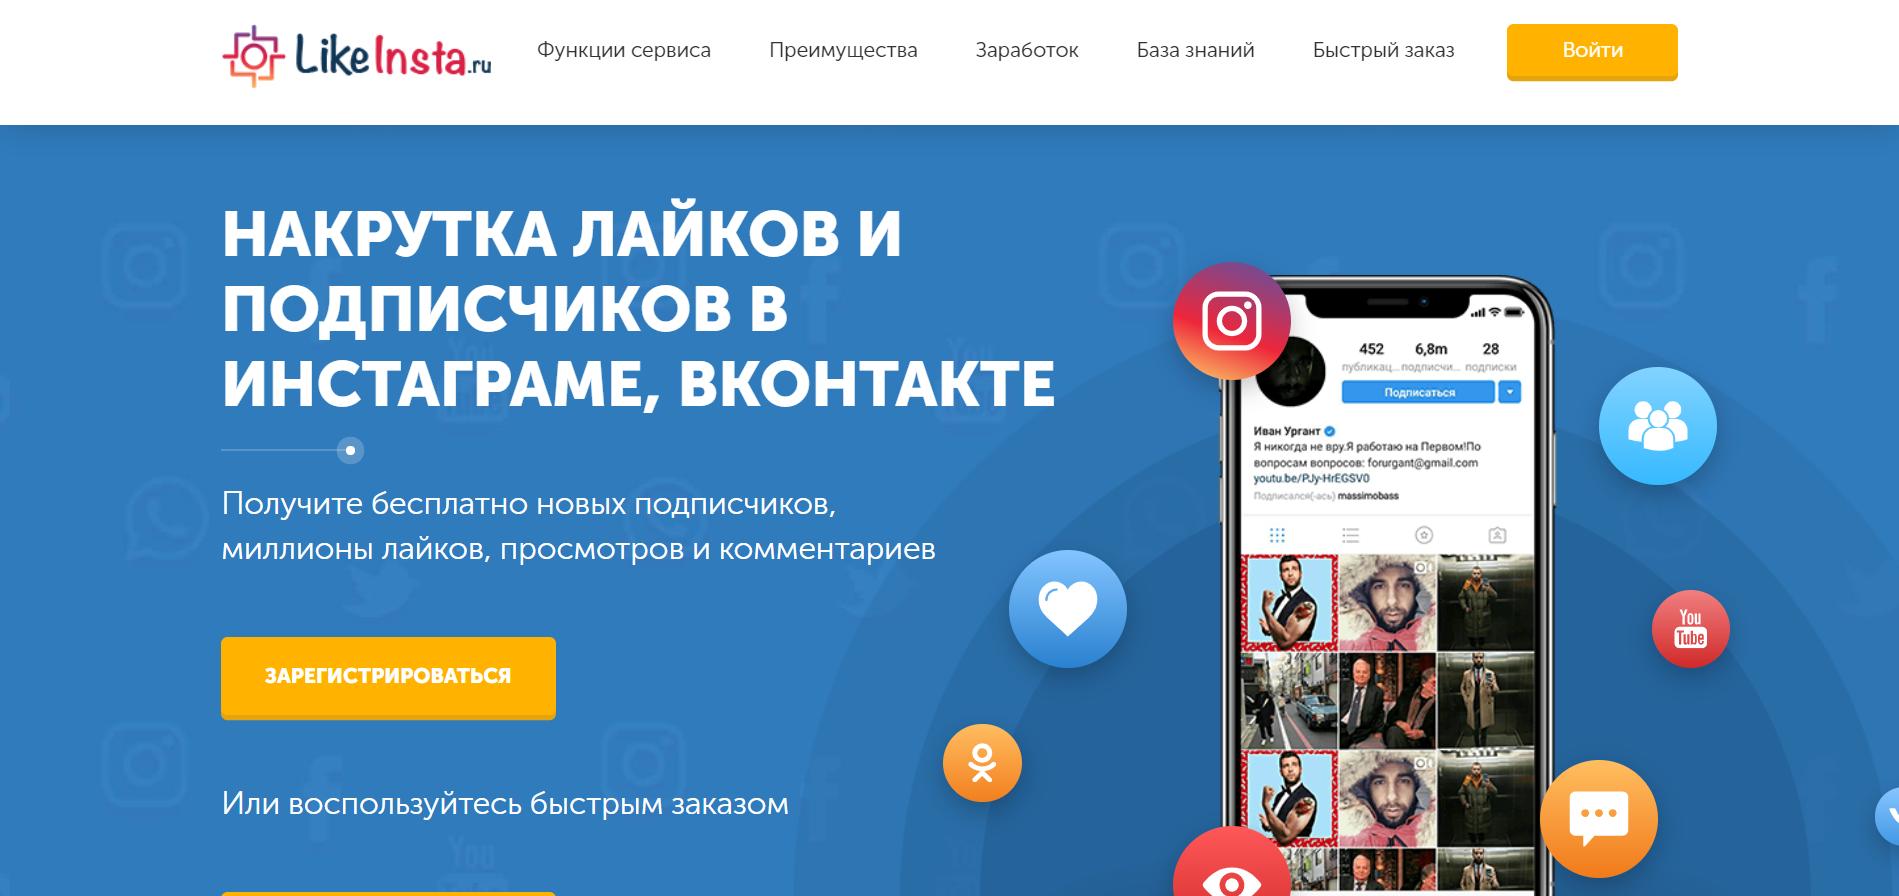 LikeInsta бесплатный сервис для накрутки подписчиков в инстаграме